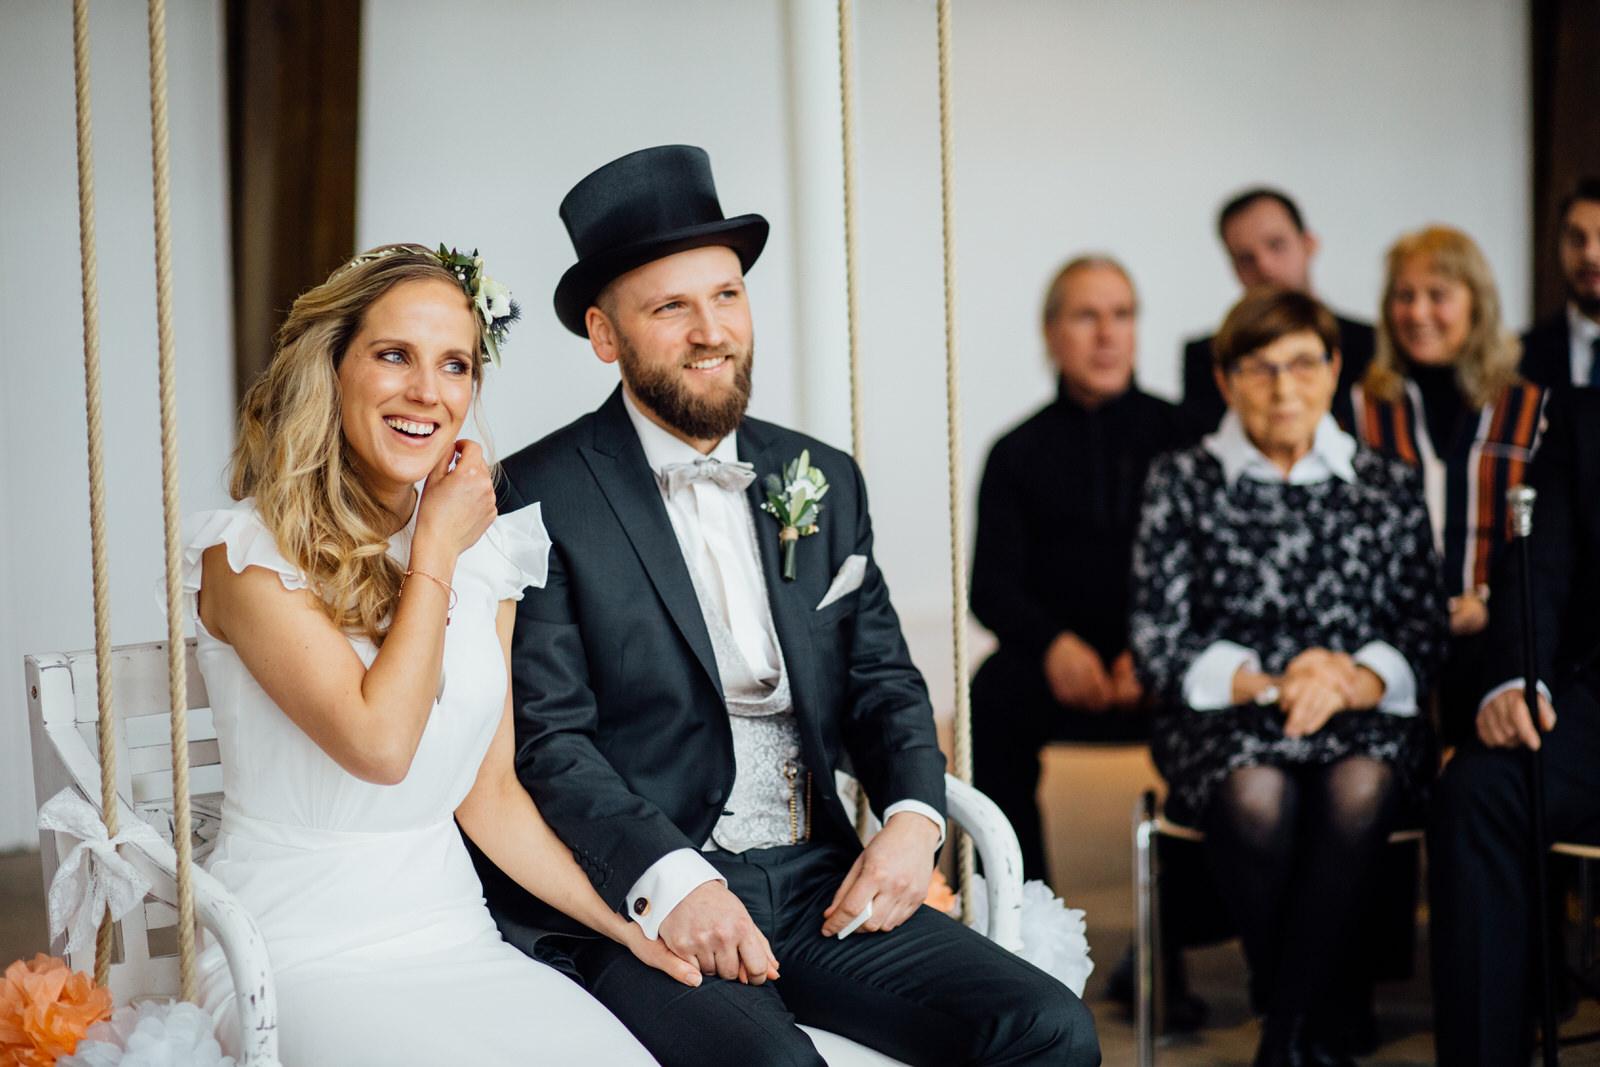 Hochzeitsfotograf_Rödental_Alte_Mühle_Alte_Orangerie_Schloss_Rosenau_100227229.JPG